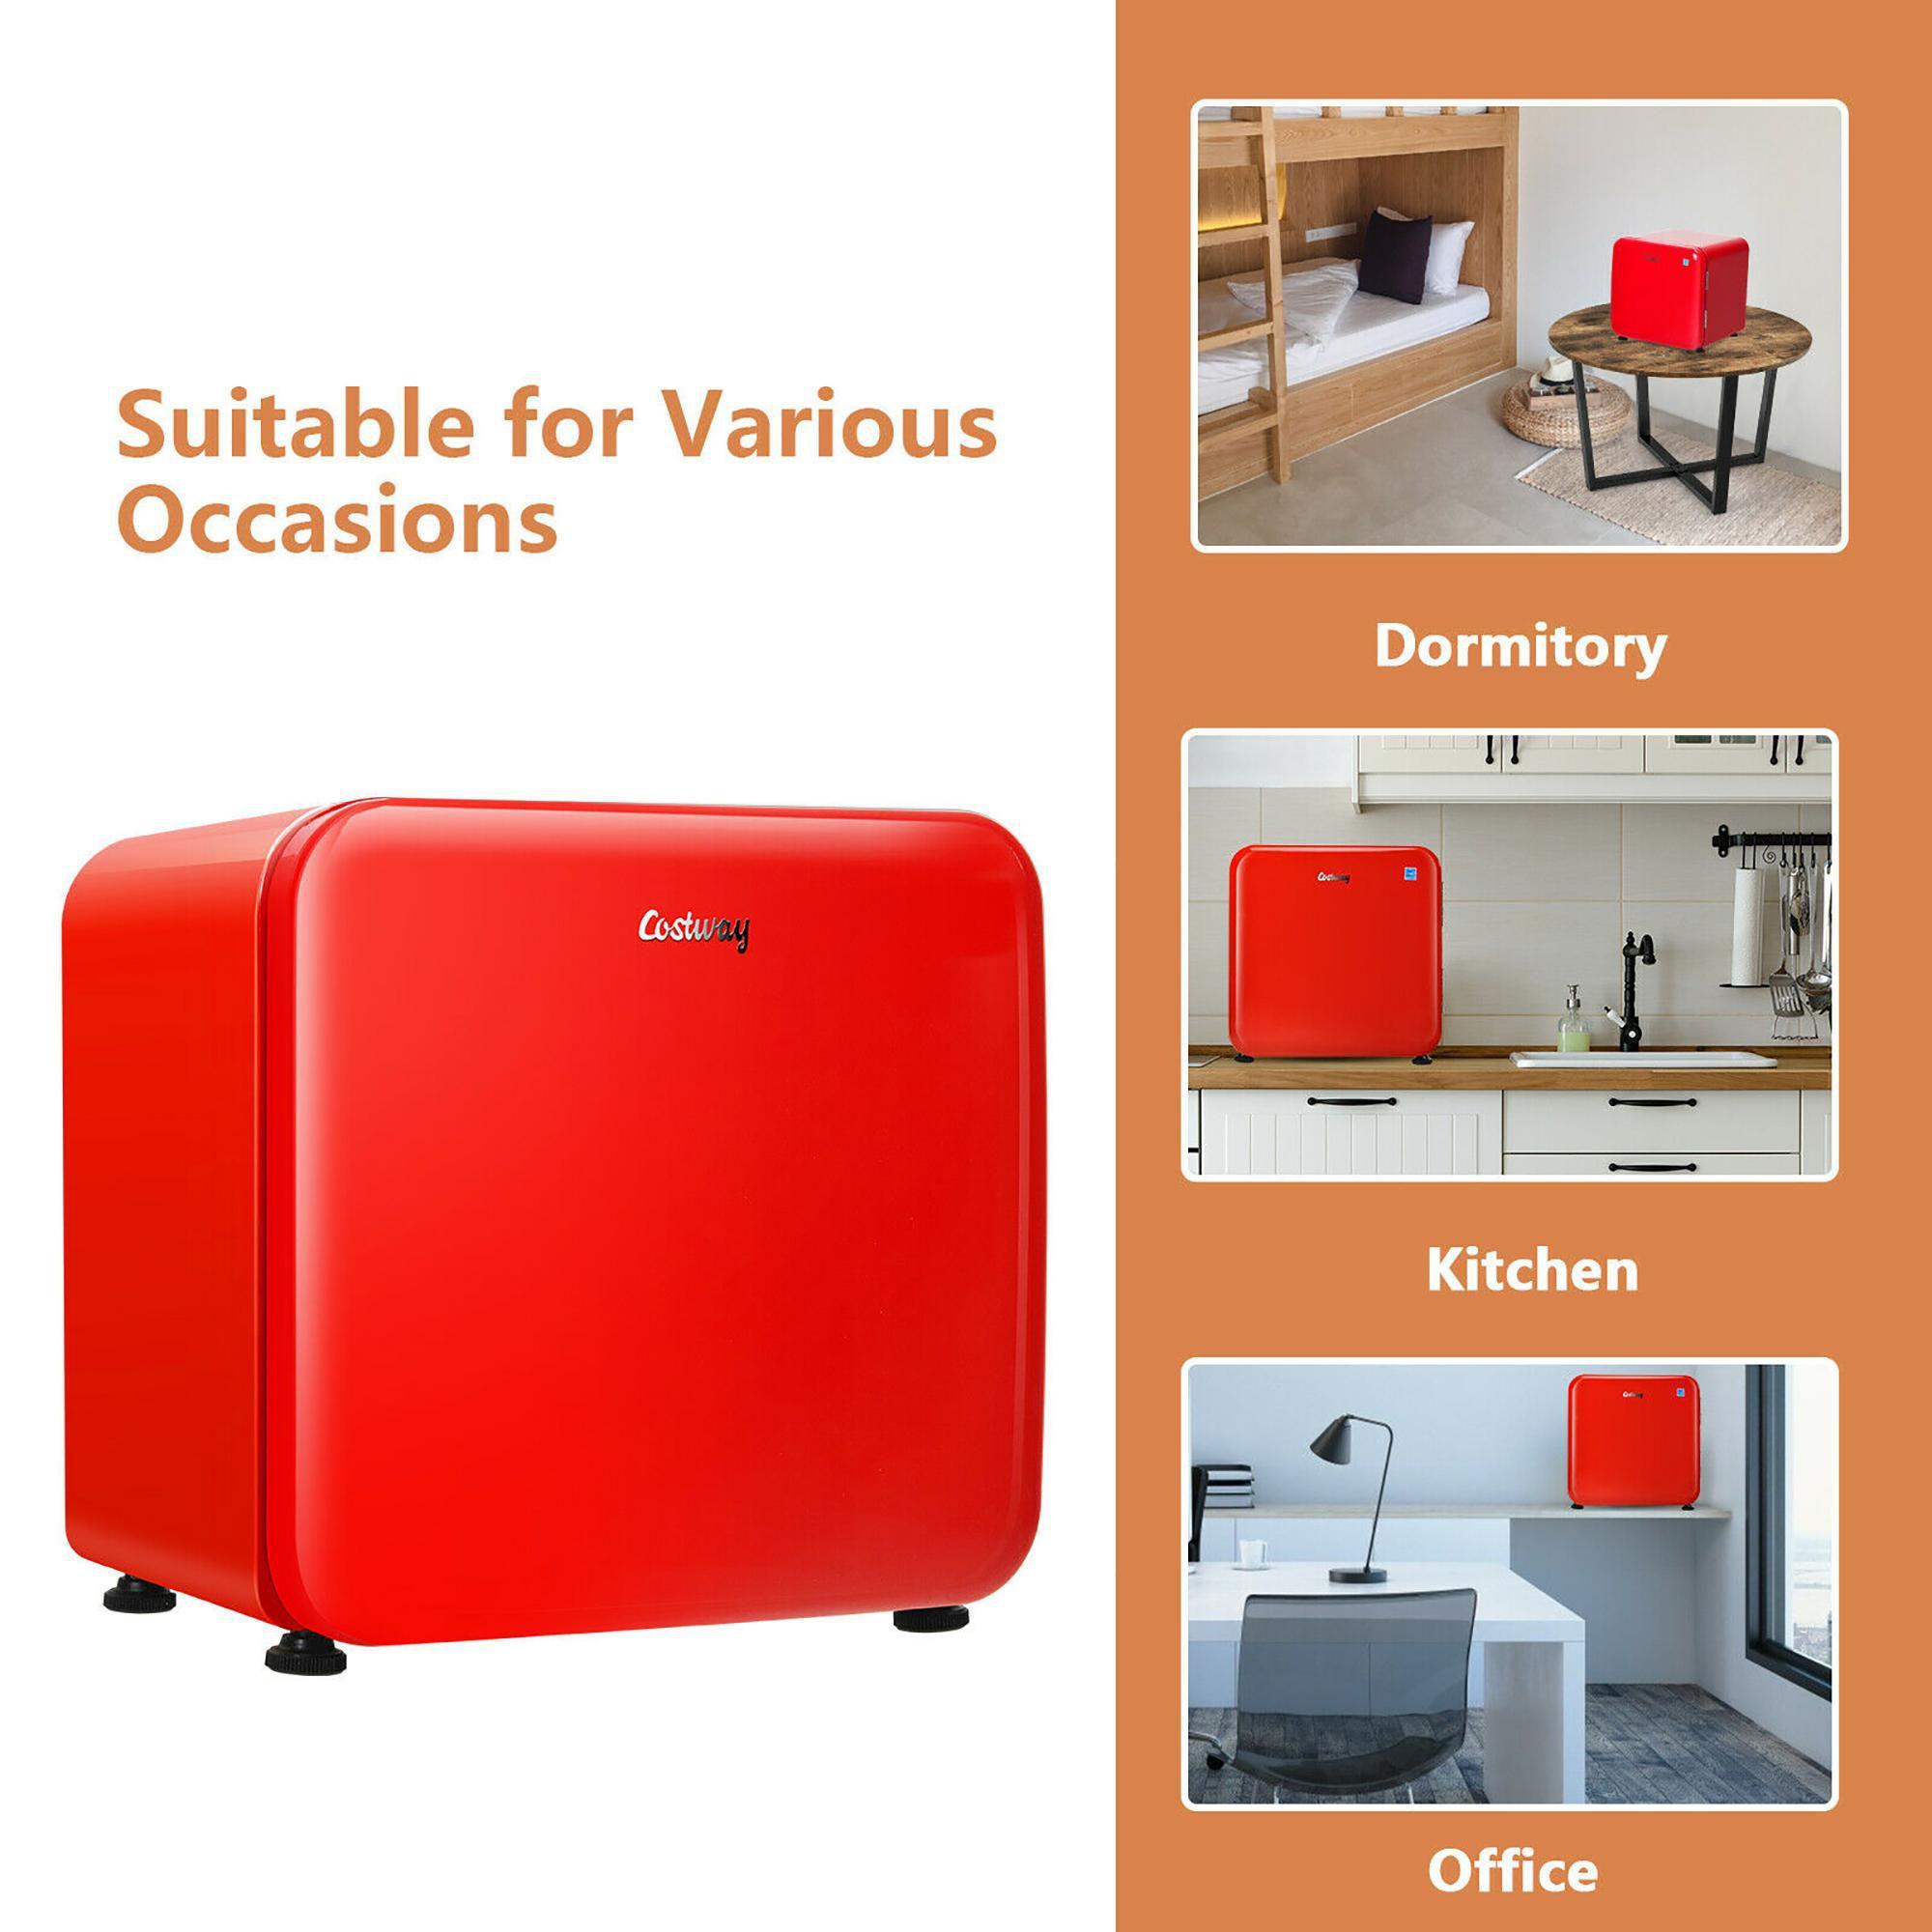 Costway 1.6 Cubic Feet Compact Refrigerator Reversible Door Mini Fridge Red